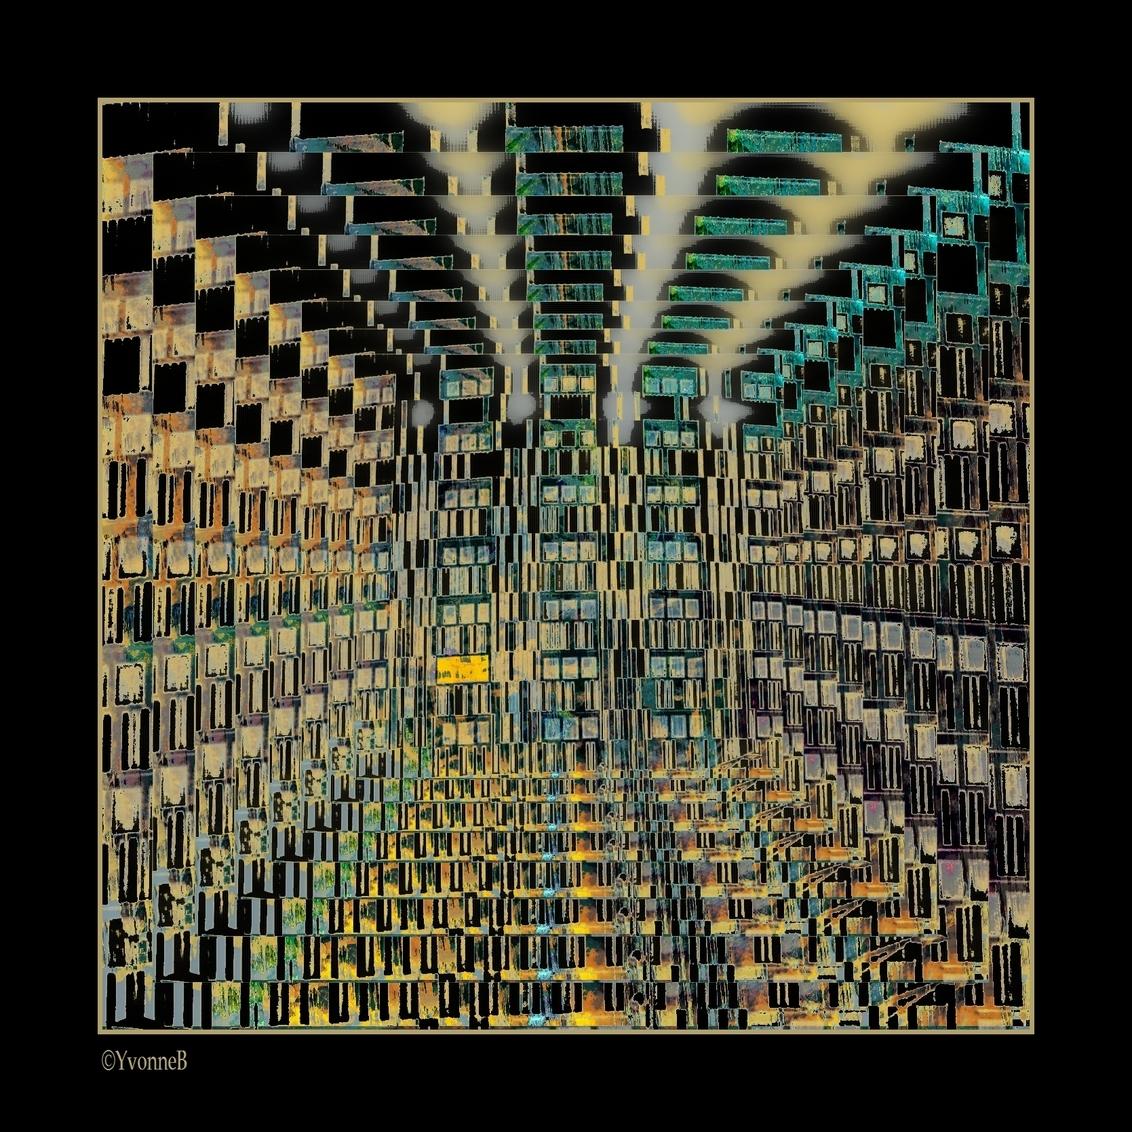 abstract 7621 - - - foto door onne1954 op 08-08-2018 - deze foto bevat: abstract, bewerkt, kunst, collage, bewerking, sfeer, creatief, textuur, manipulatie, urbex, bewerkingsuitdaging, urban exploring